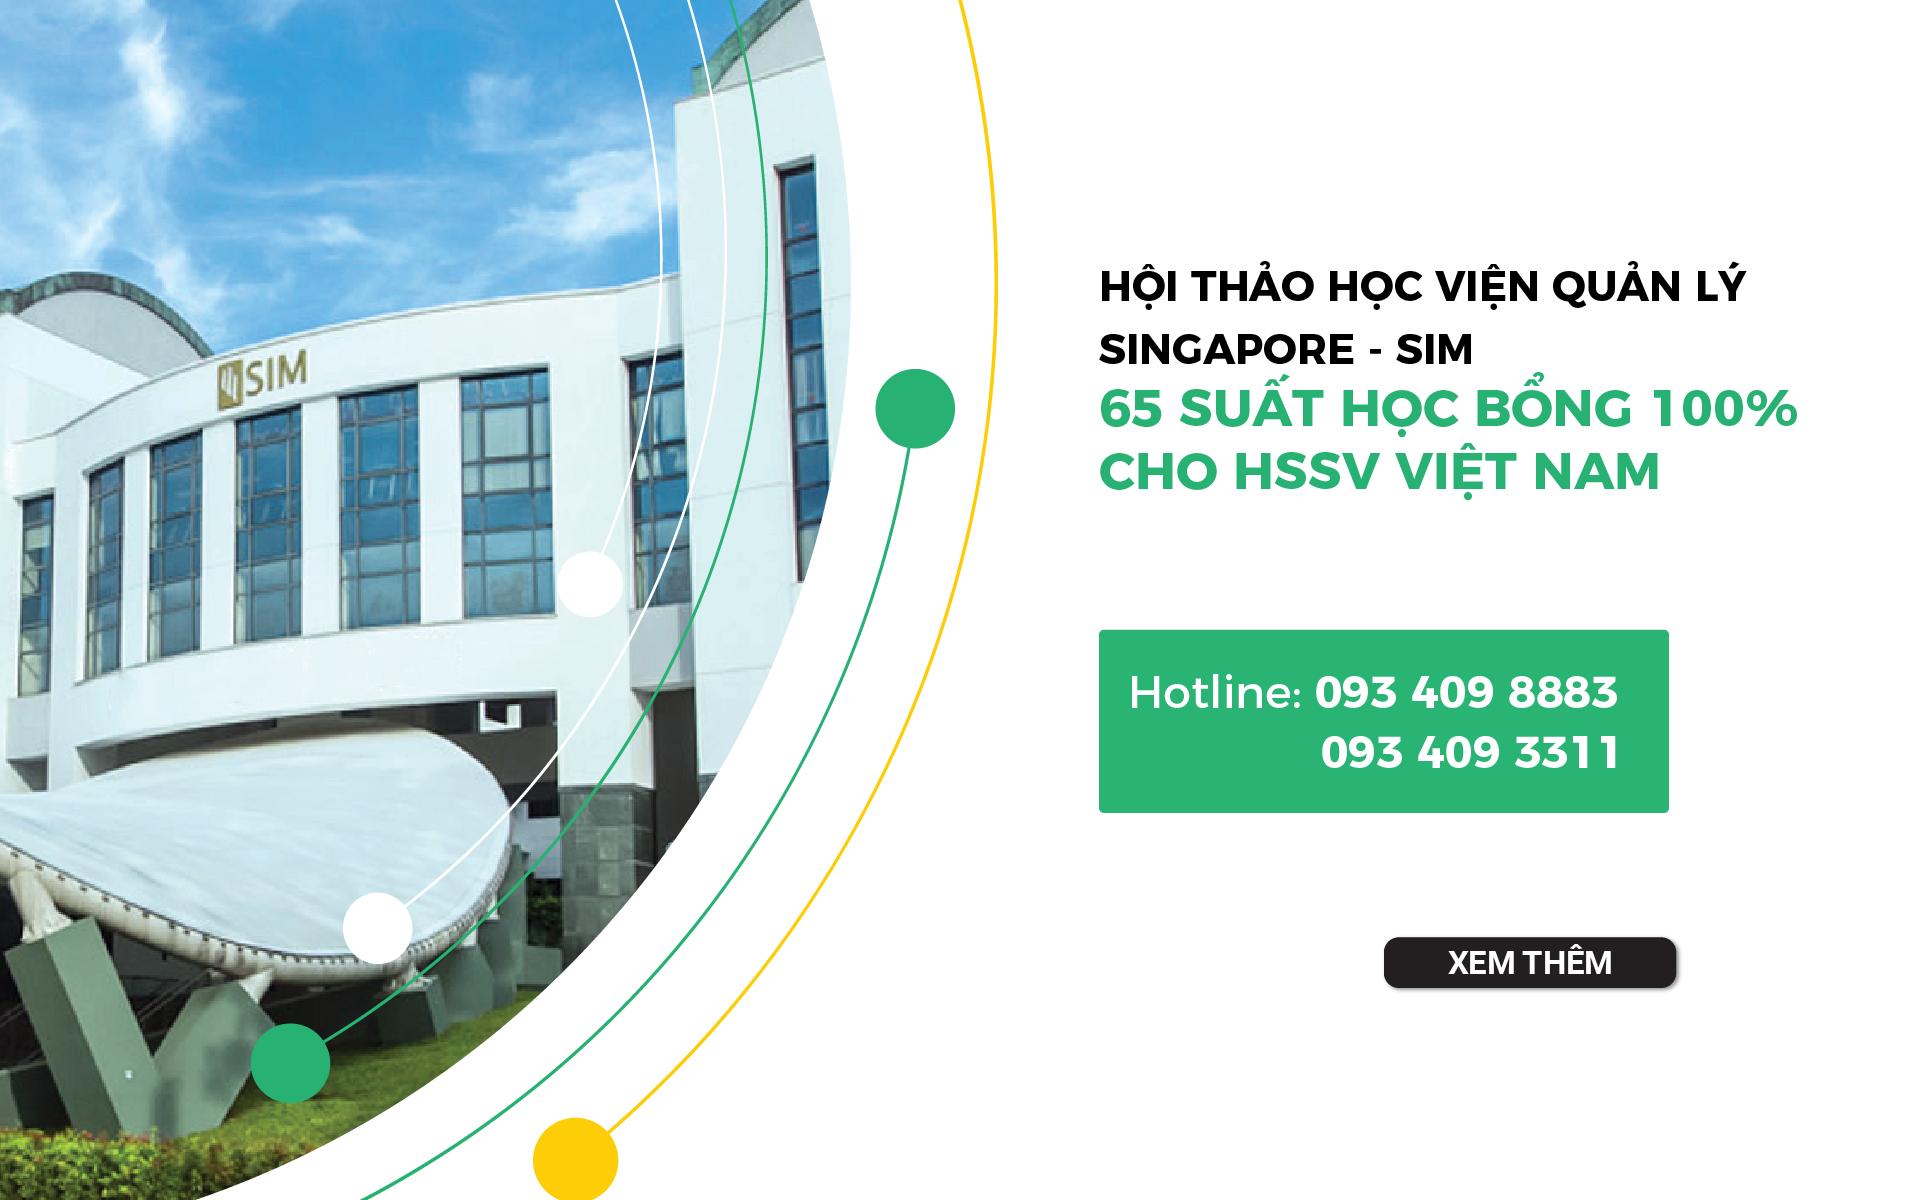 Hội thảo học viện SIM – Học bổng 100% từ học viện tốt nhất Singapore 8 năm liền